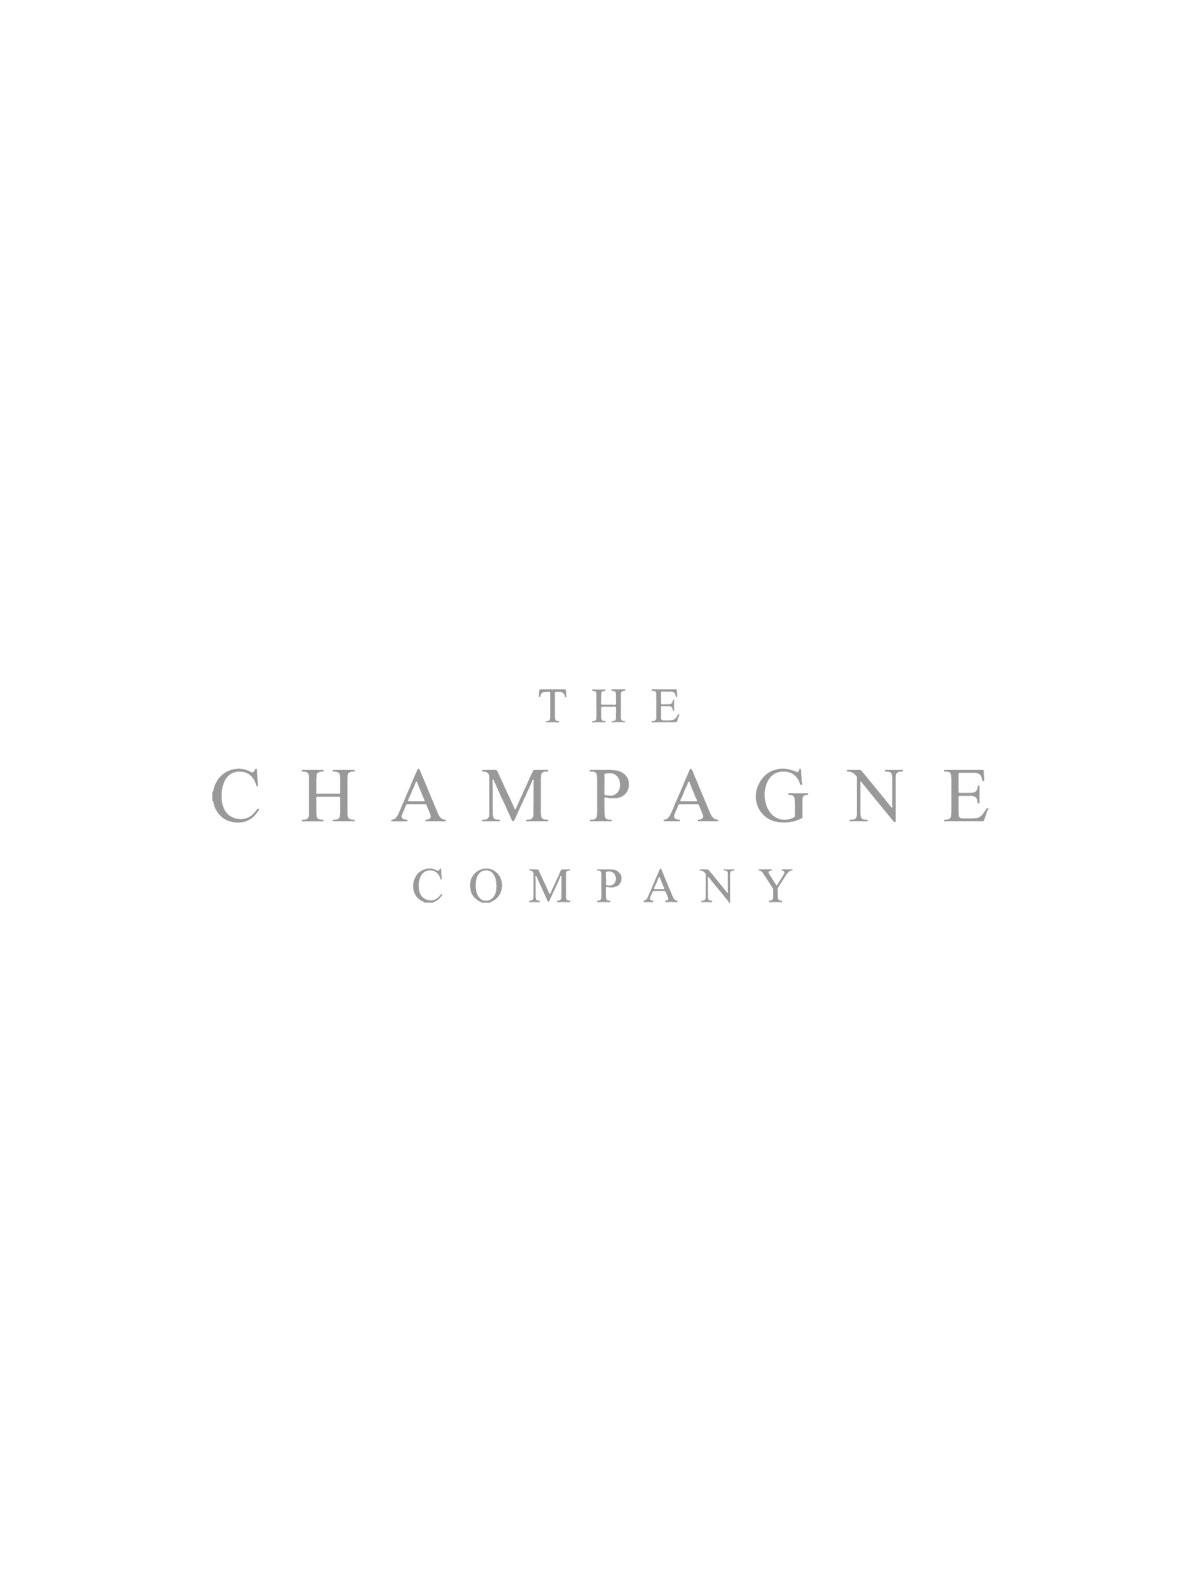 Dom Perignon 1993 Plenitude P2 Vintage Champagne 75cl